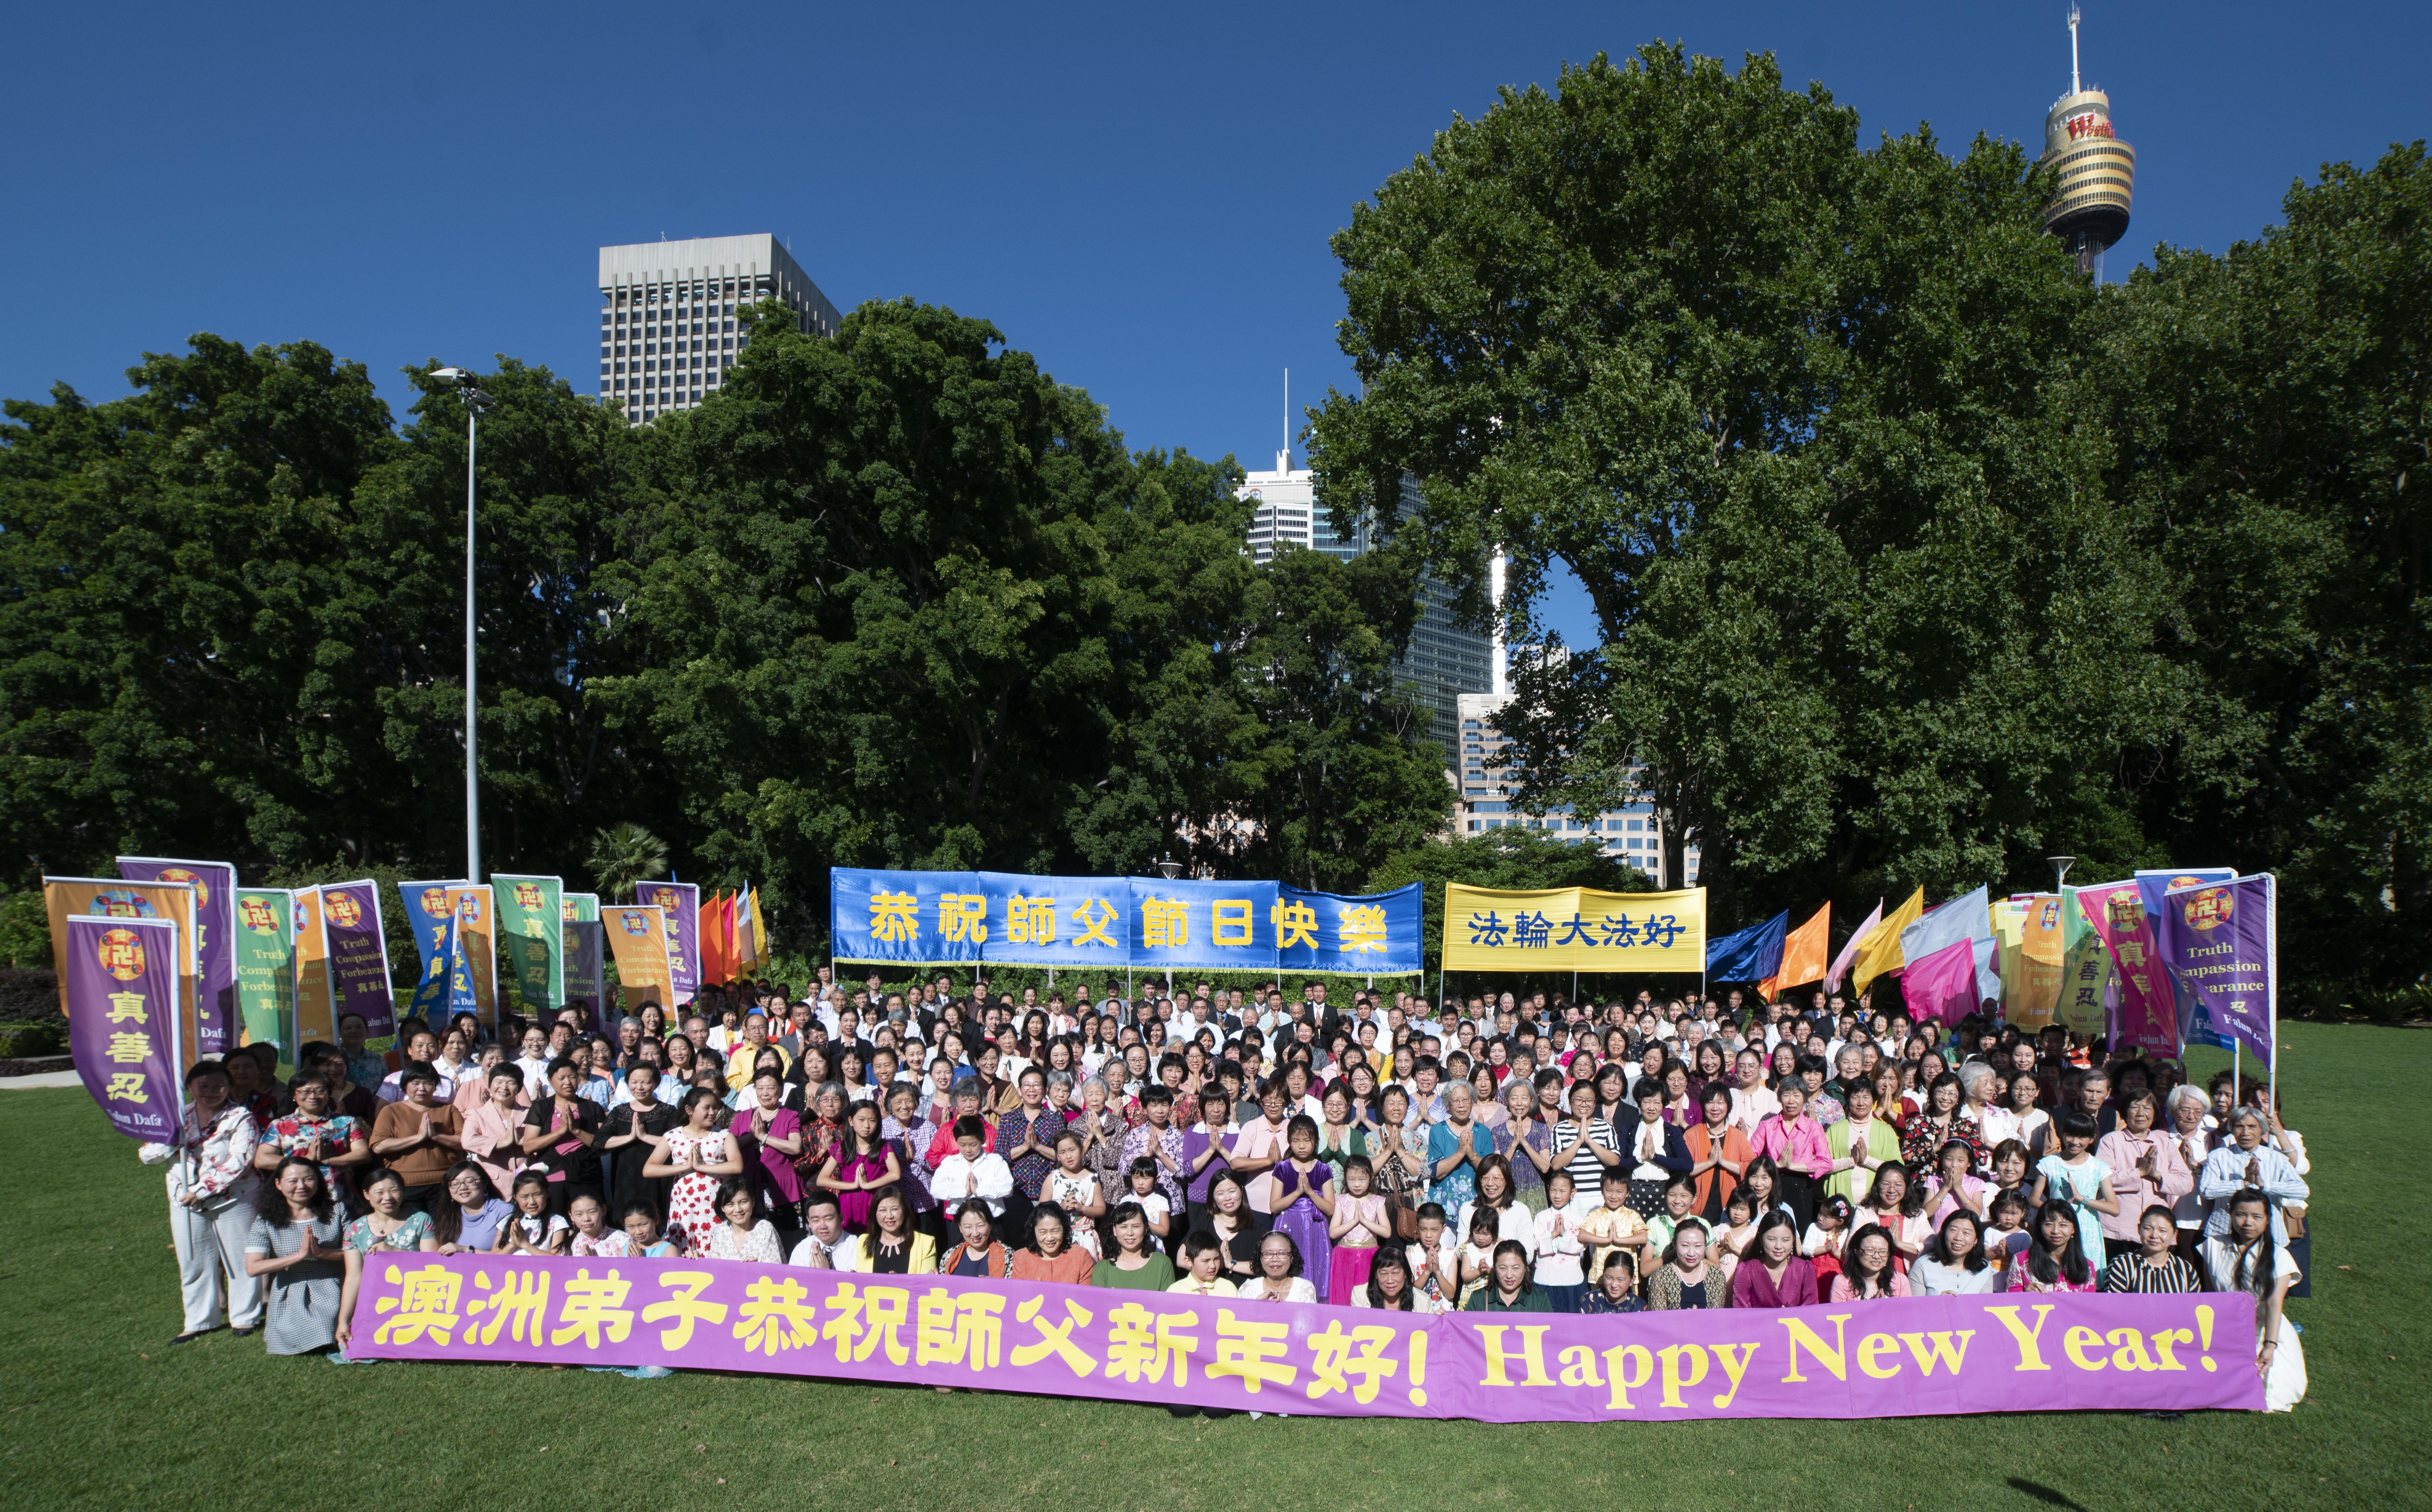 尋獲人生目標 澳洲各族裔弟子新年謝師恩